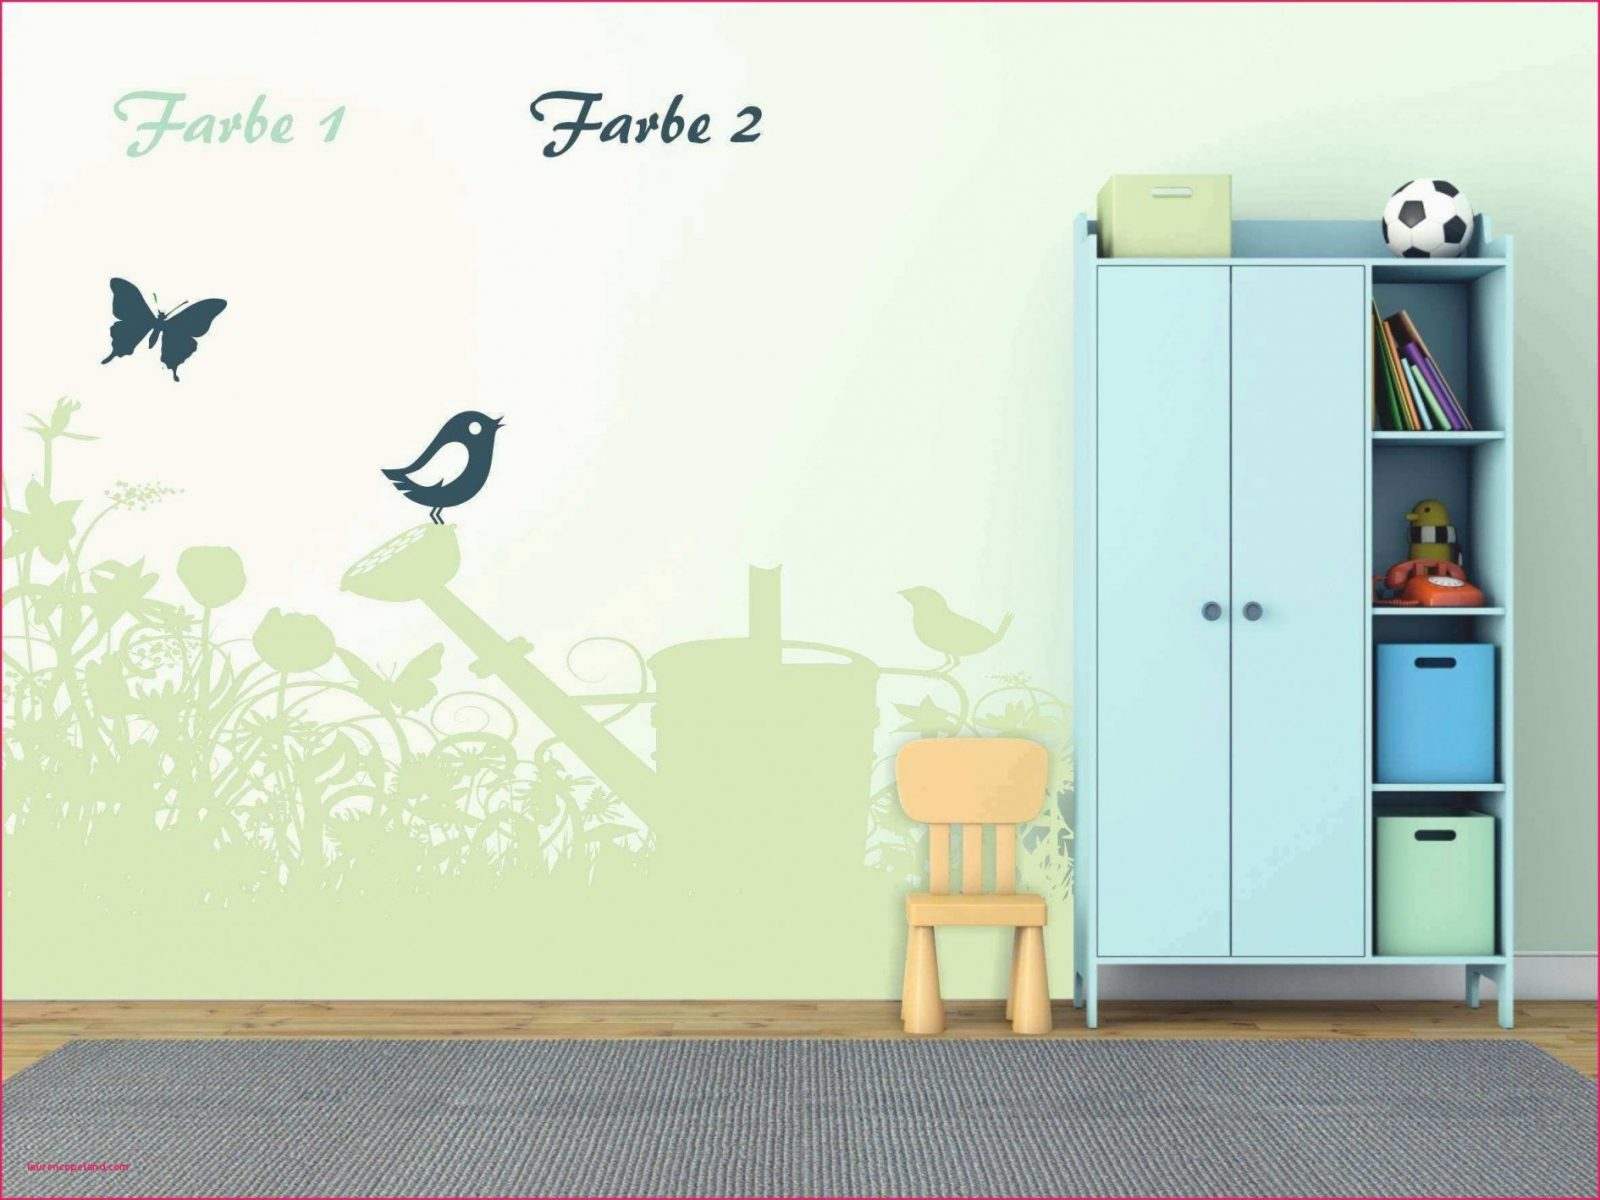 45 Luxus Konzept Wandtattoo Selber Erstellen von Wandtattoo Selber Machen Vorlagen Photo